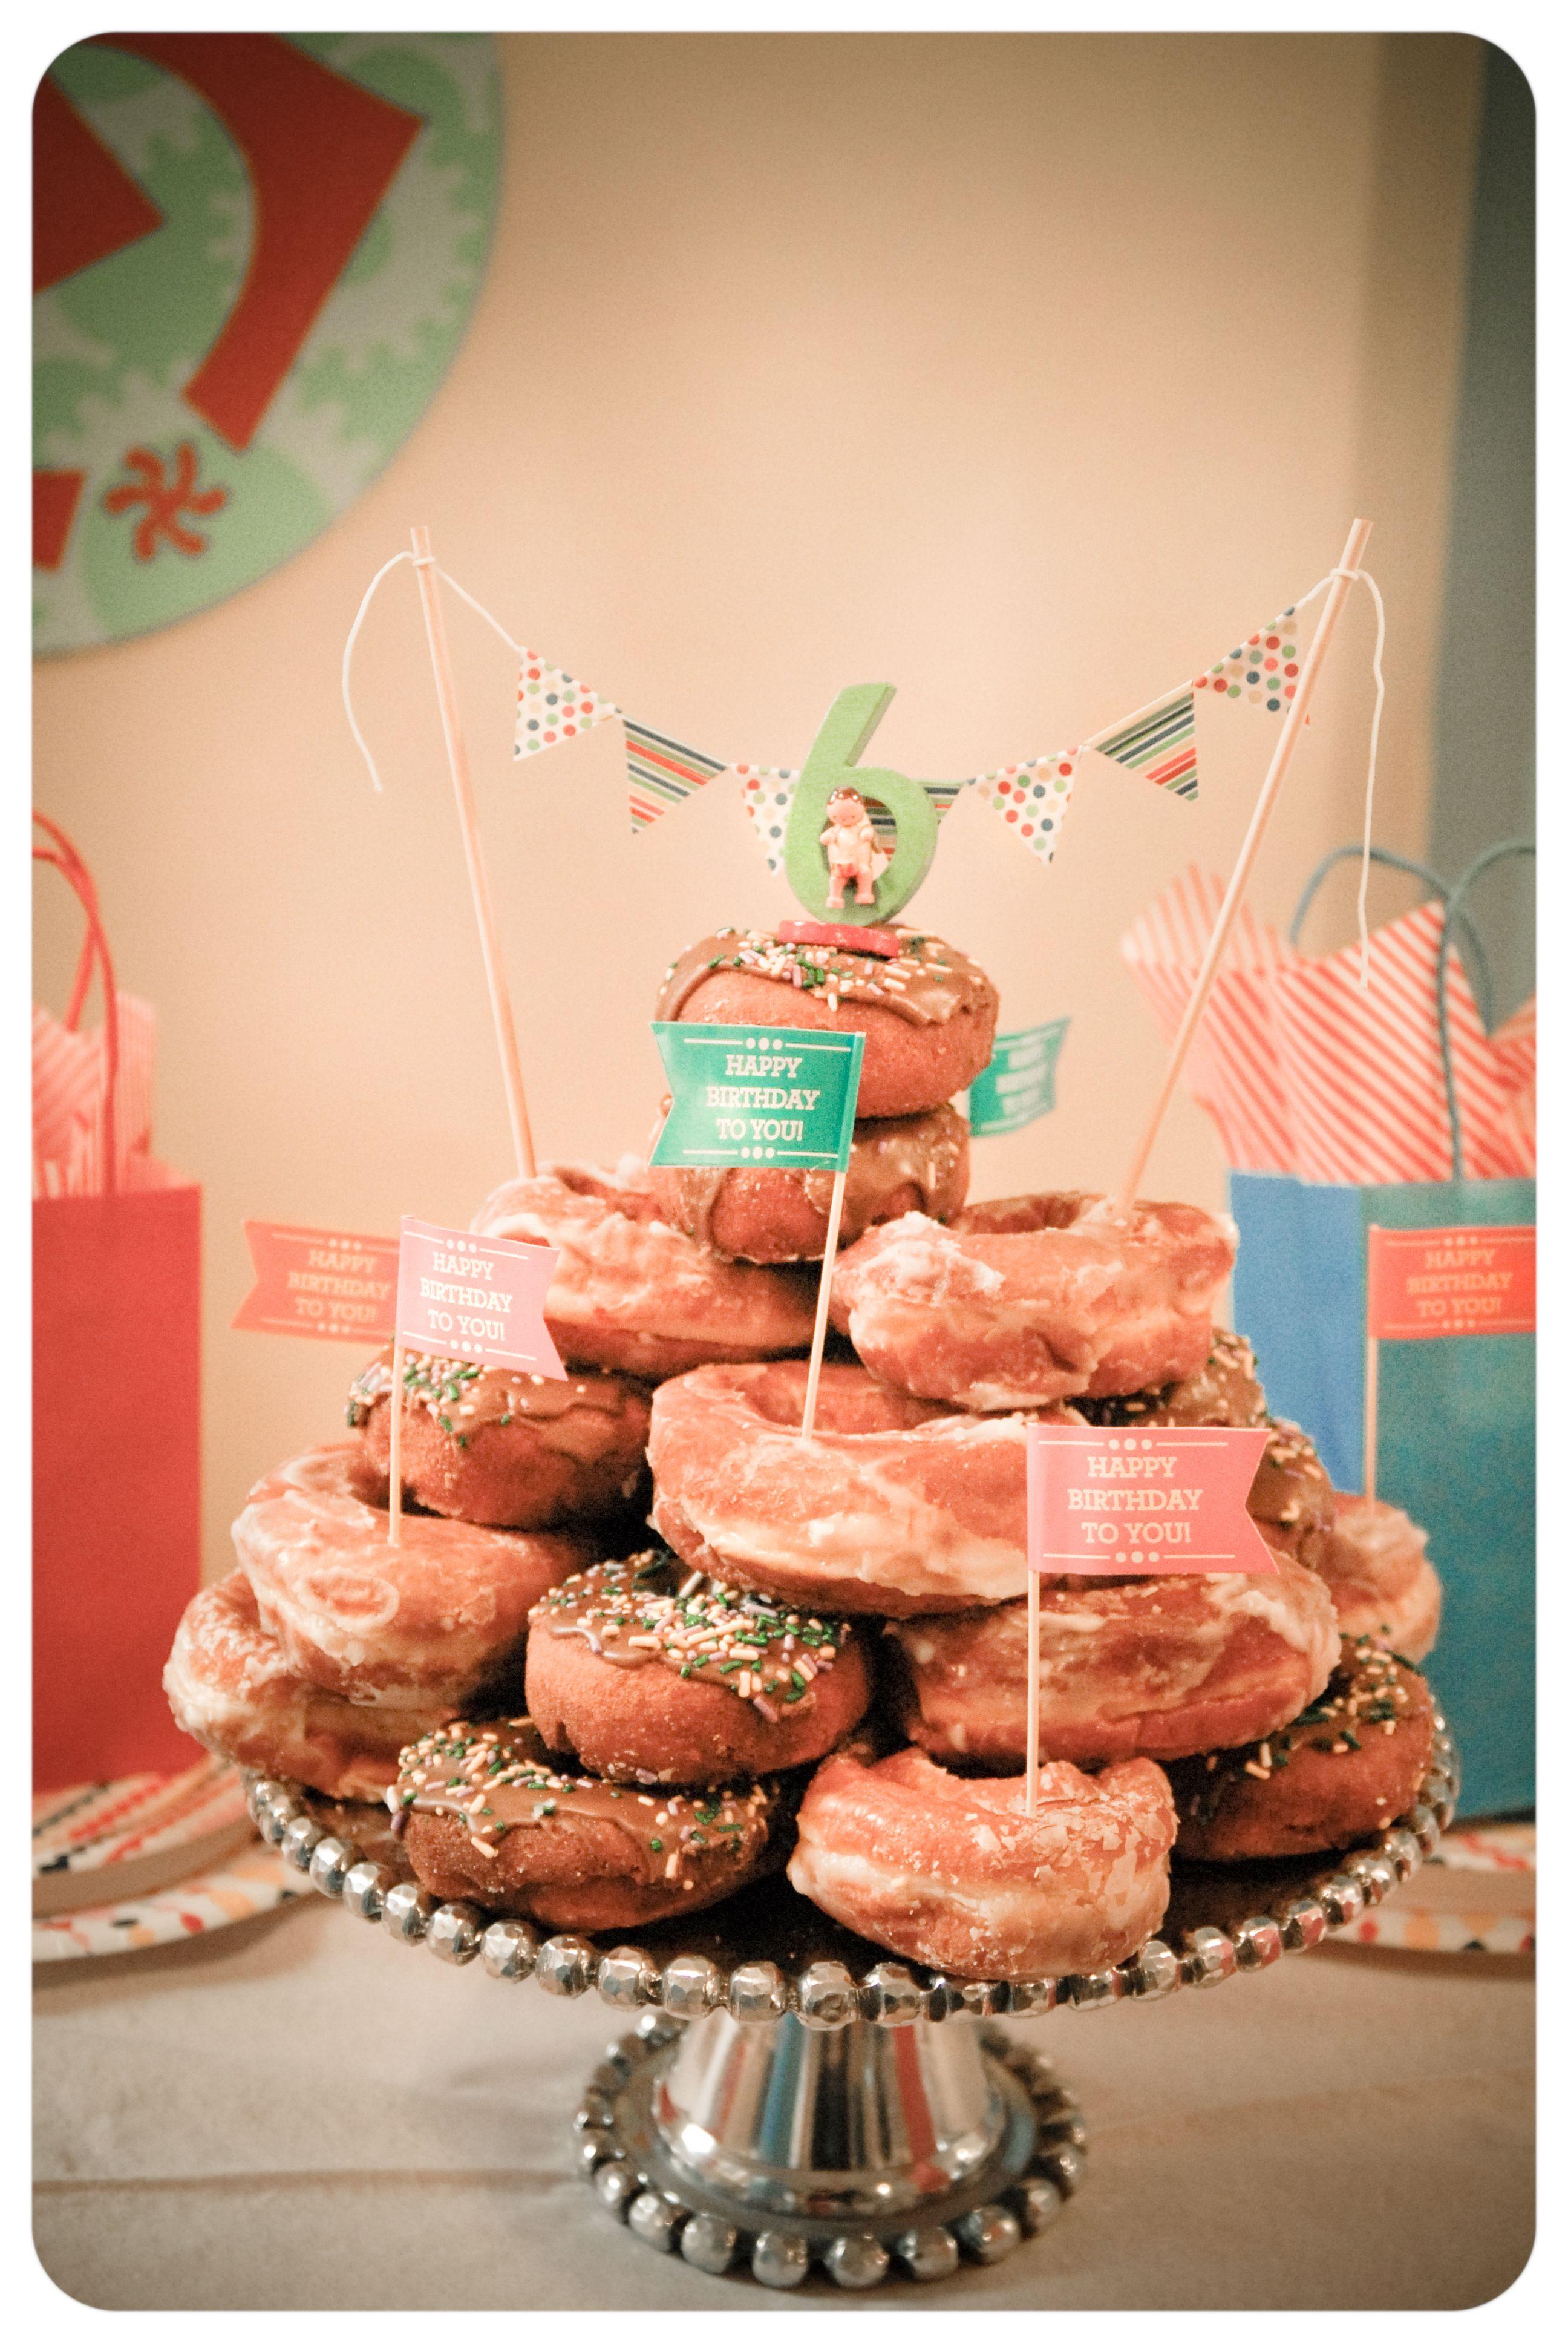 My Boy S Donut Birthday Cake Birthday Cake Decorating Love